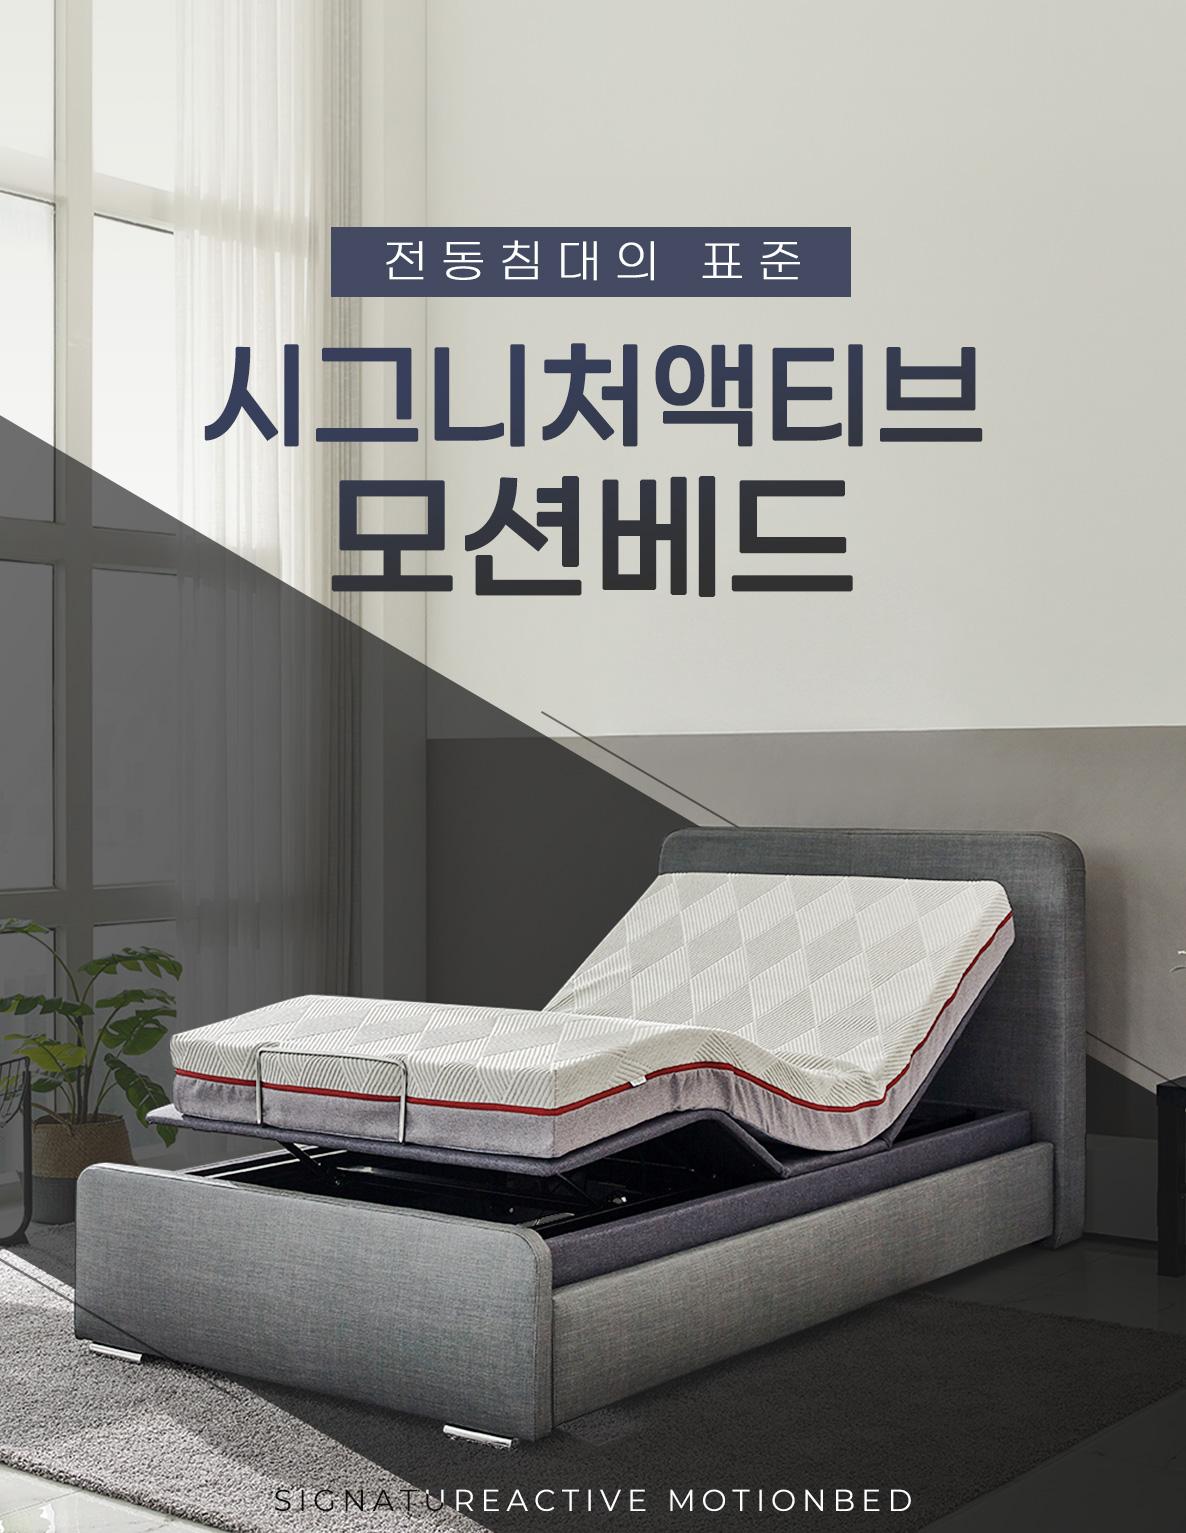 시그니처-액티브-모션베드(수정)1_인트로.jpg